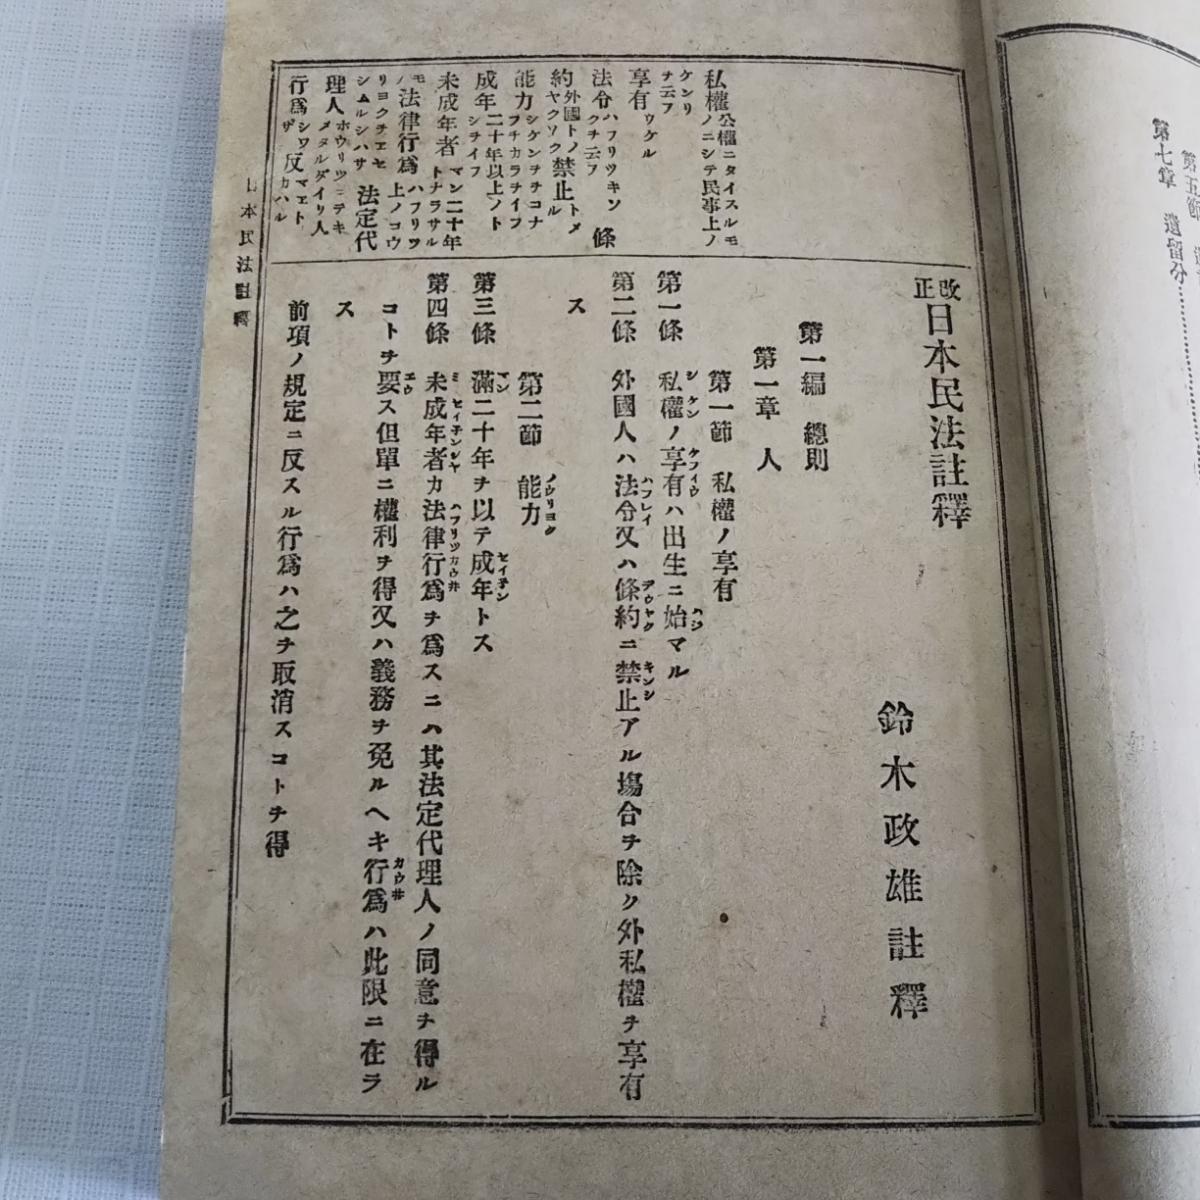 ★日本民法★★★明治本★